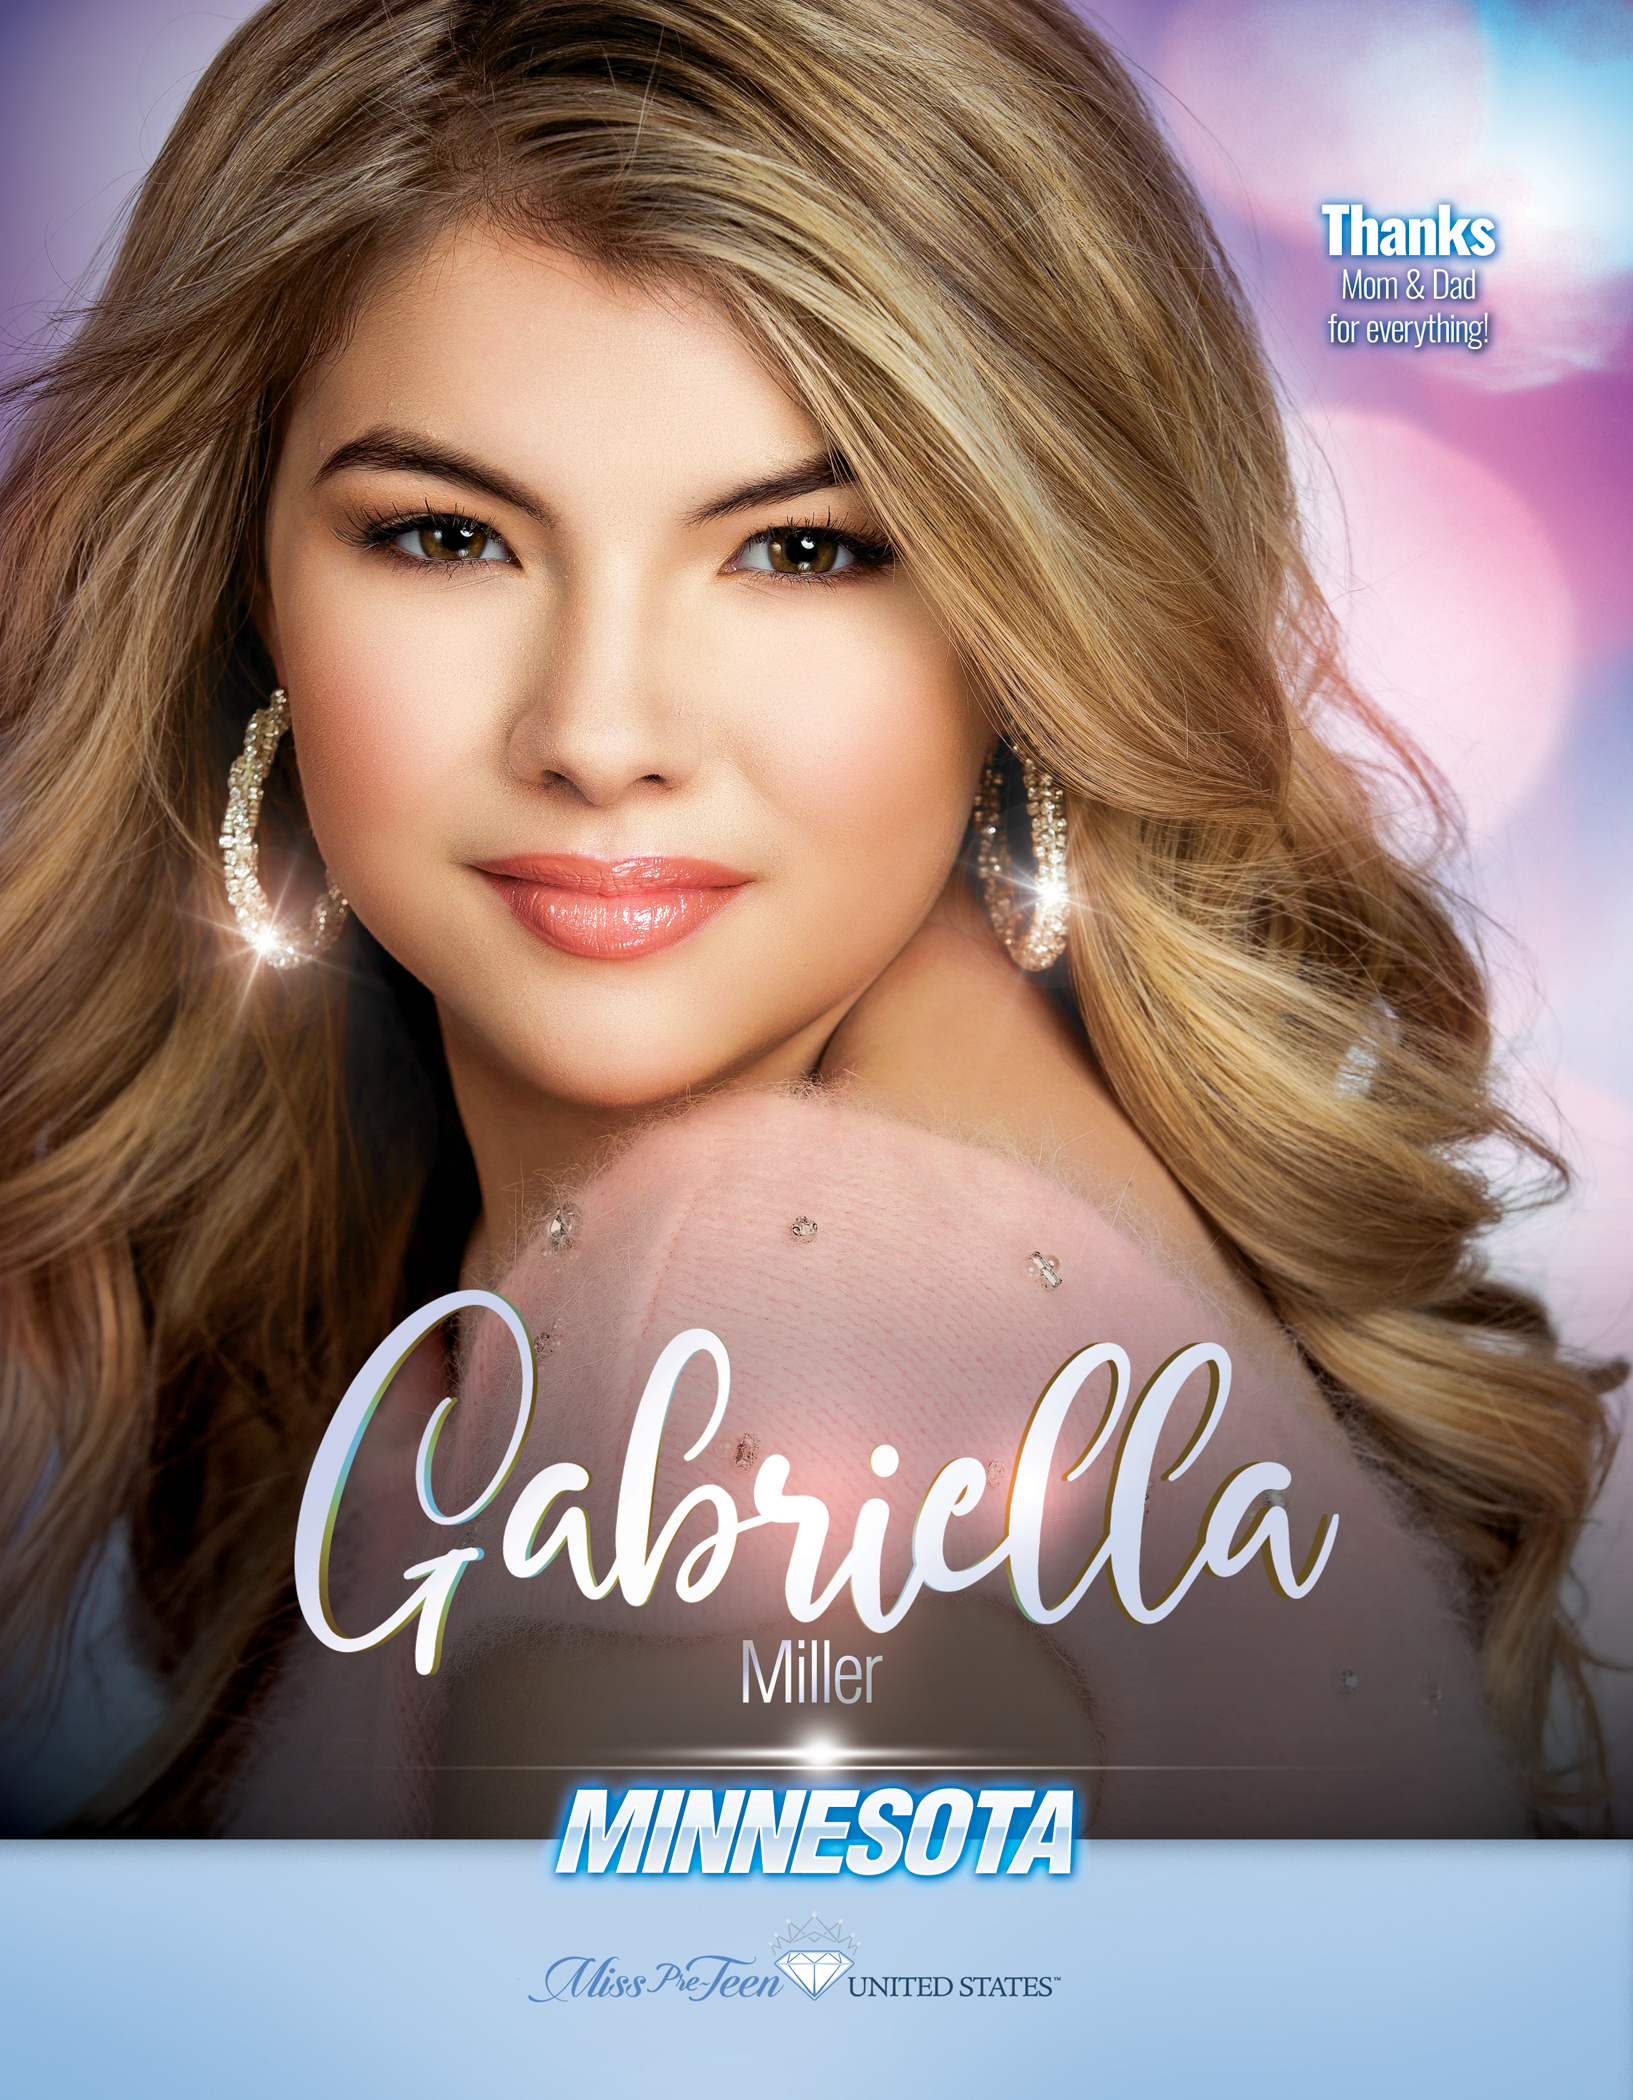 Gabriella Miller Miss Pre-Teen Minnesota United States - 2019